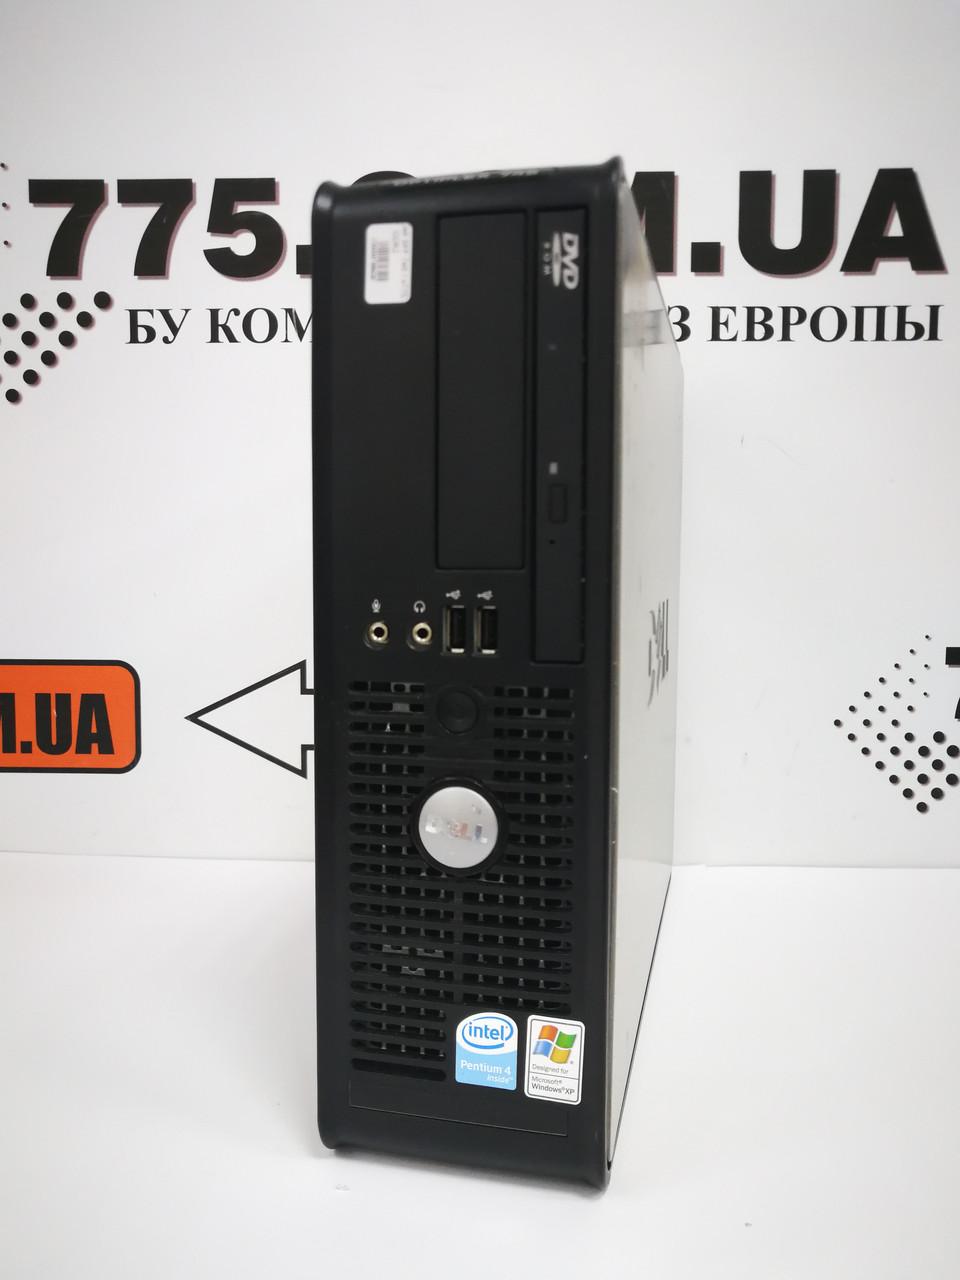 Компьютер Dell 745, Intel Core2Duo E4500 2.2ГГц, ОЗУ 4ГБ, HDD 160ГБ